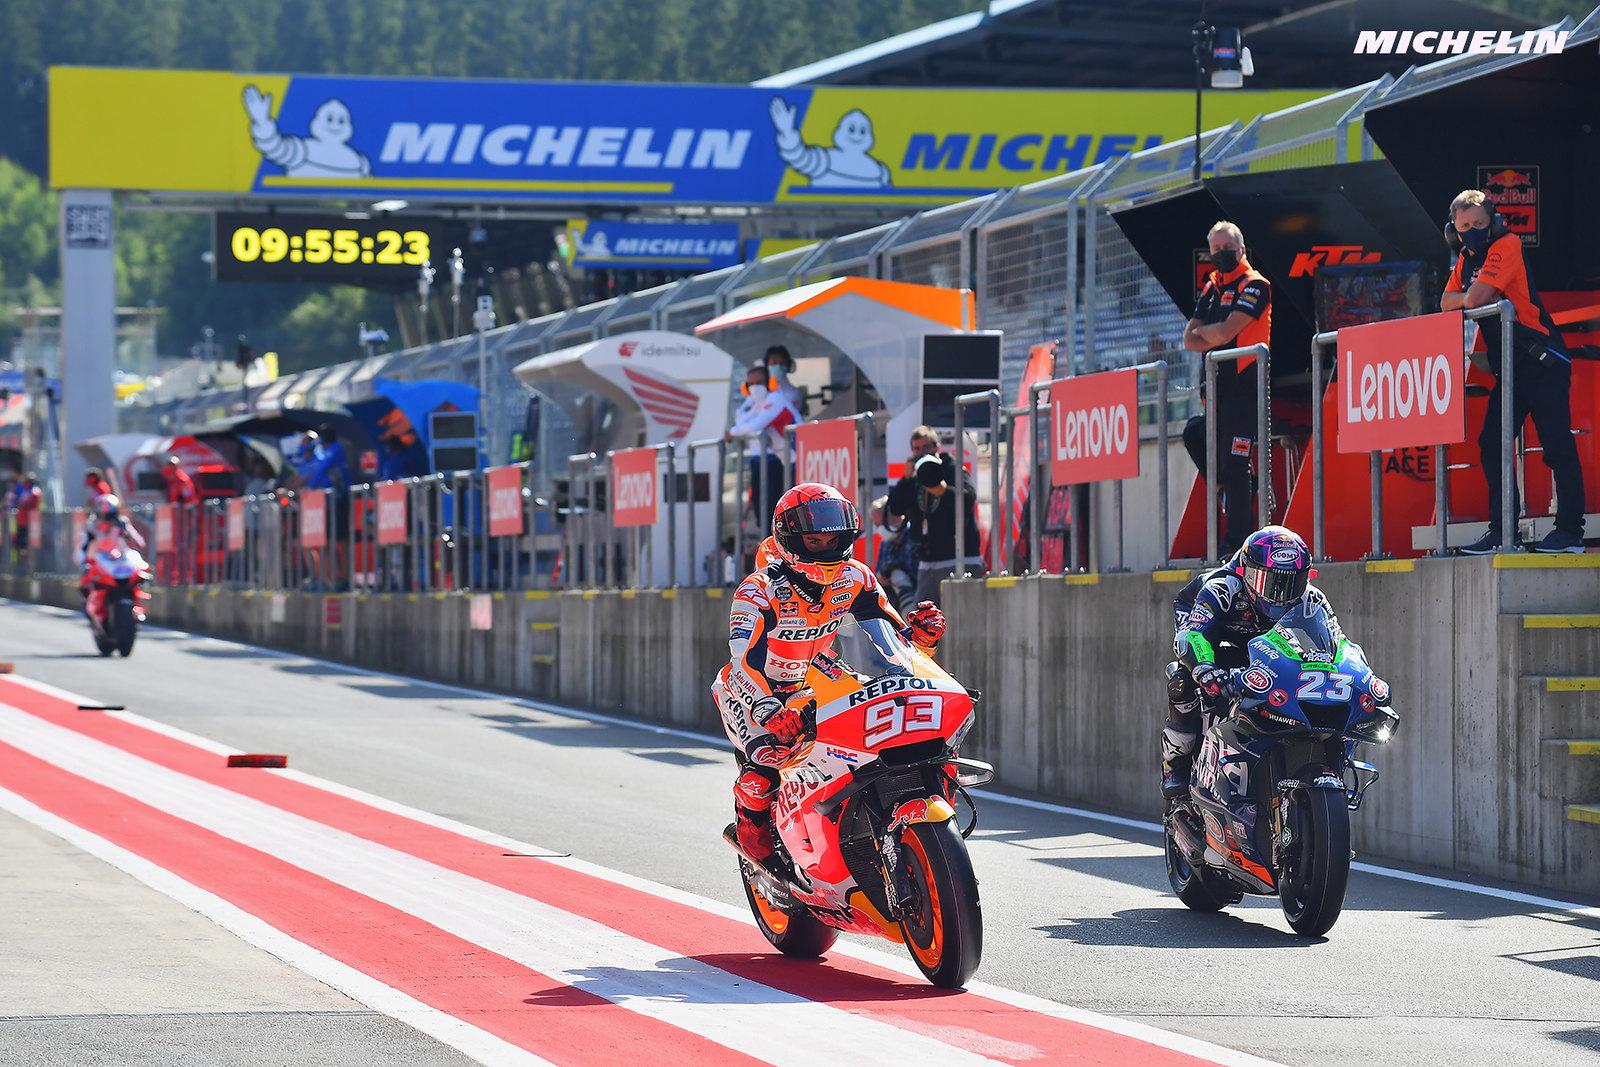 MotoGP2021 初日総合6位 マルク・マルケス「FP1では肩に違和感があった」